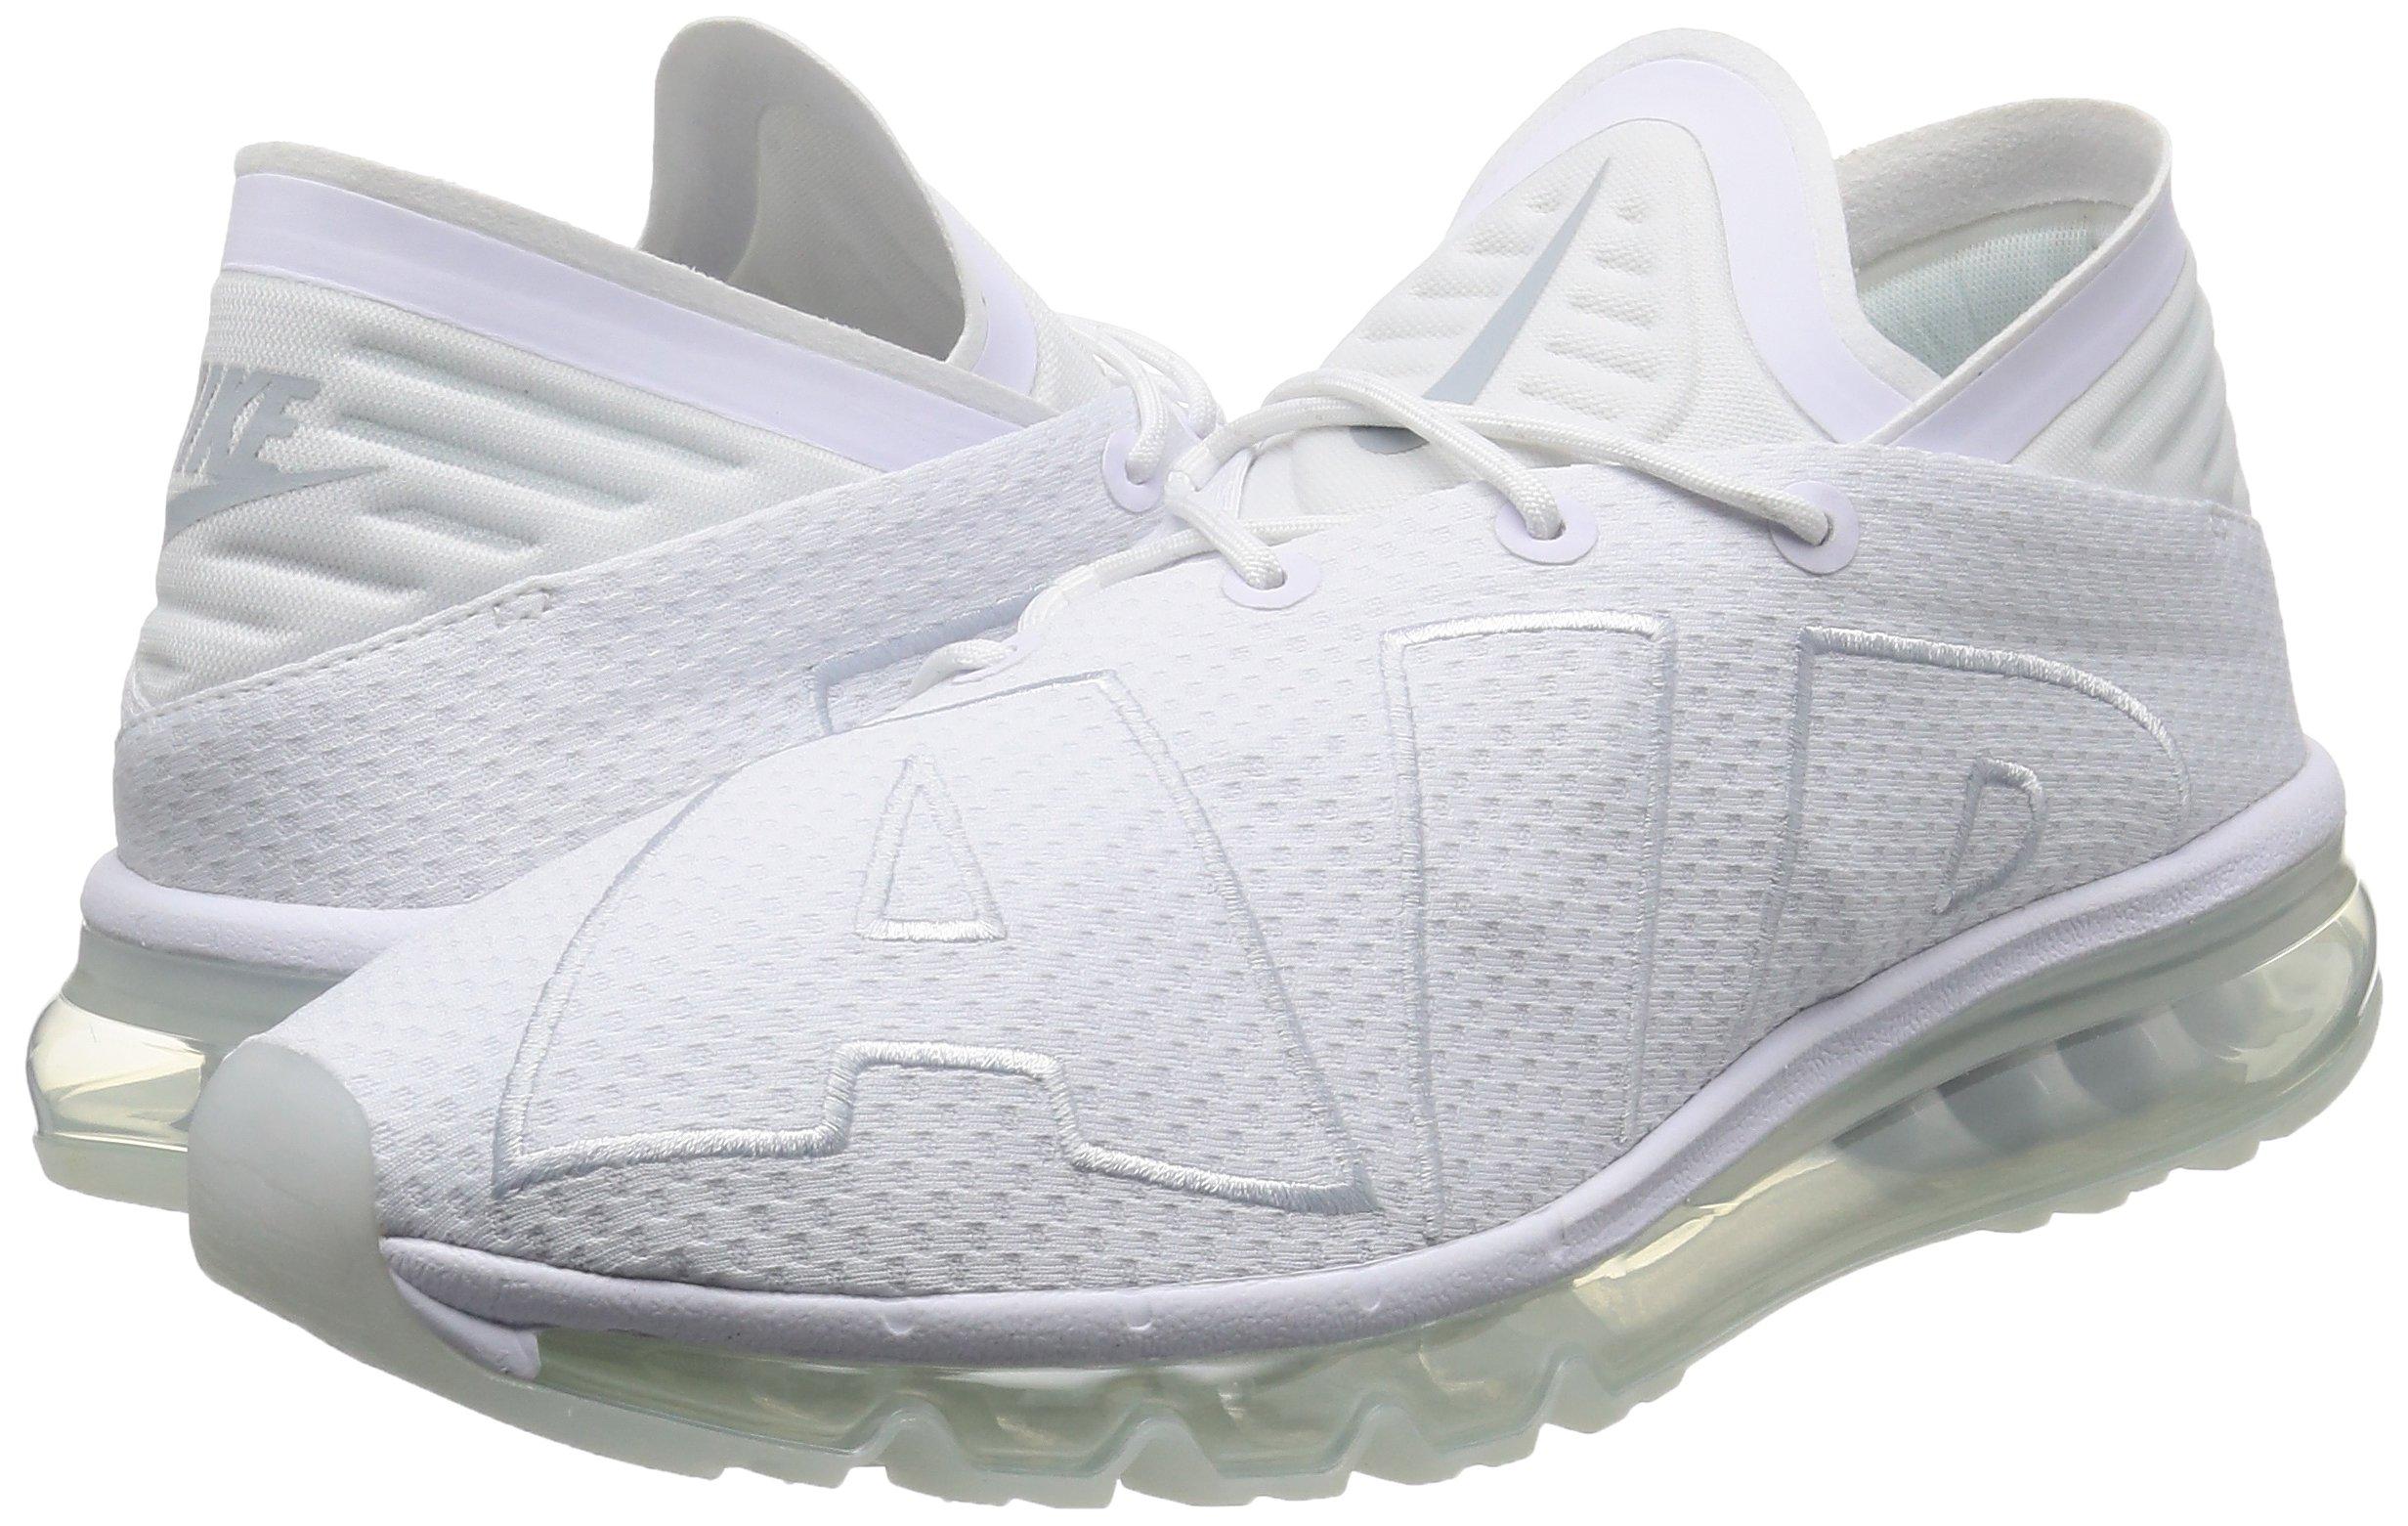 81B6QWwp0zL - Nike Mens - Air Max Flair - Triple White - 942236-100